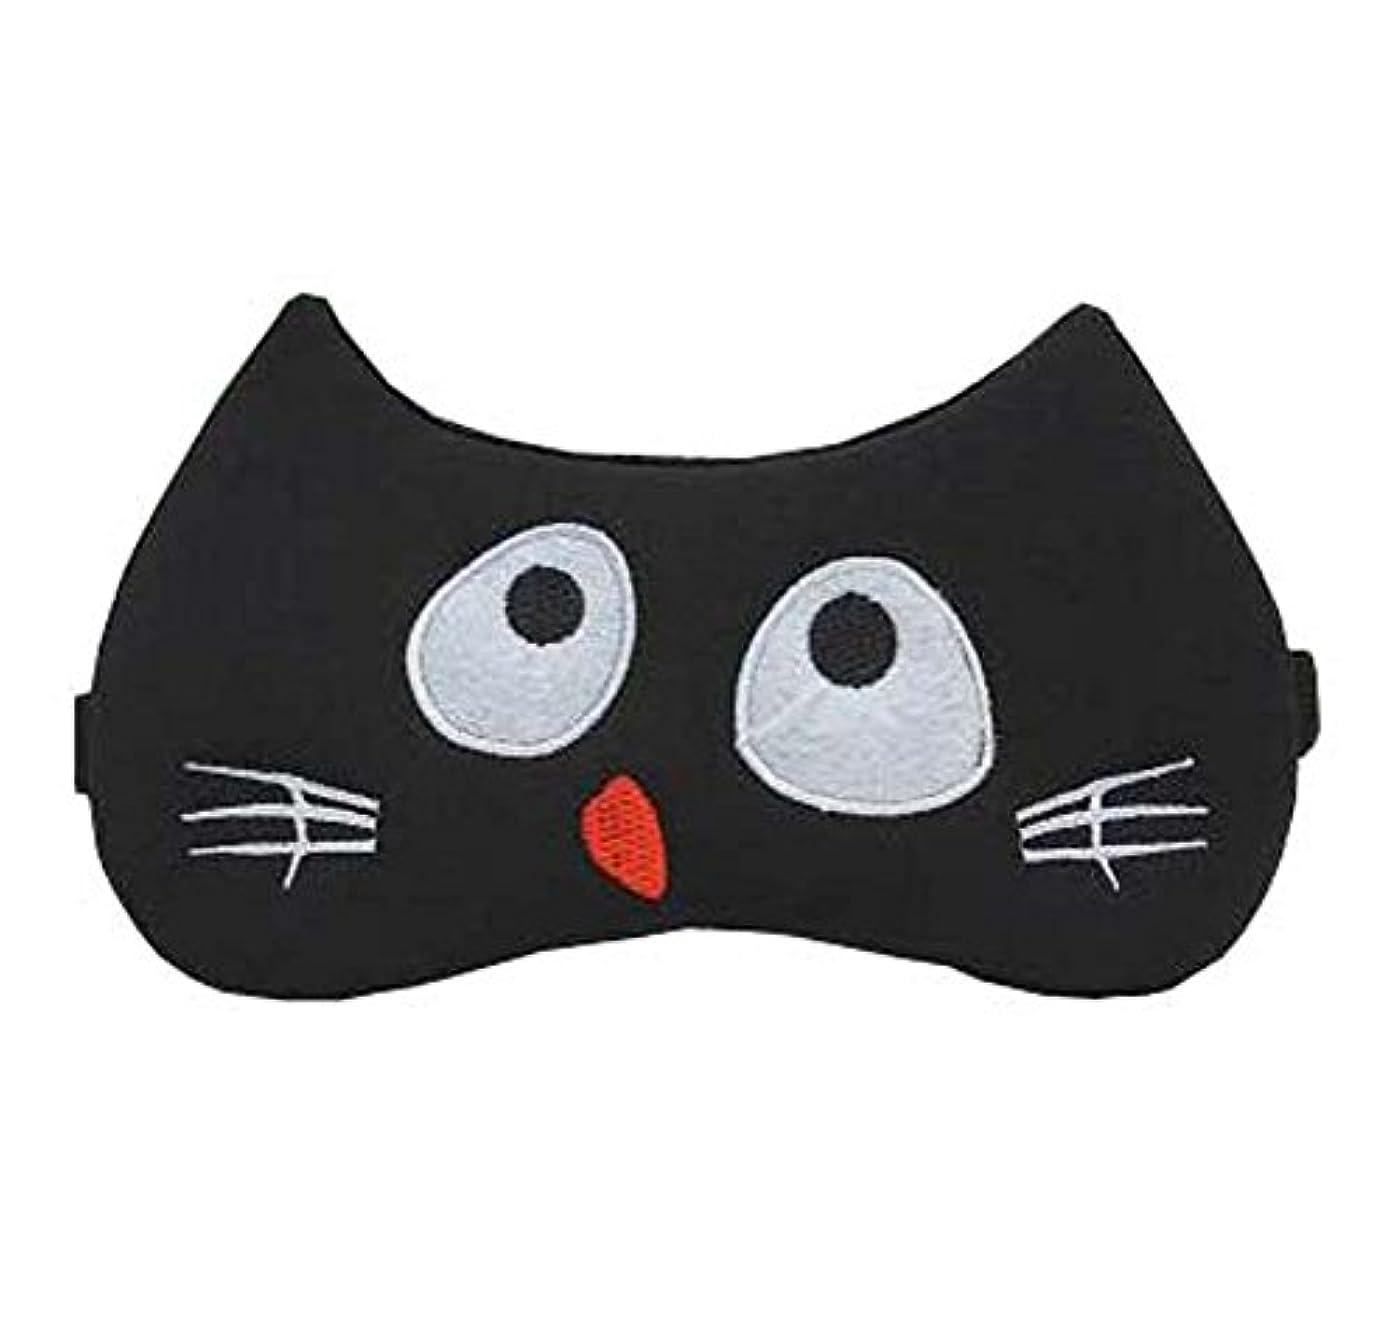 送料海賊ダイエット快適なかわいい目のマスクは、睡眠の作業のための不眠症とストレスを軽減し、D